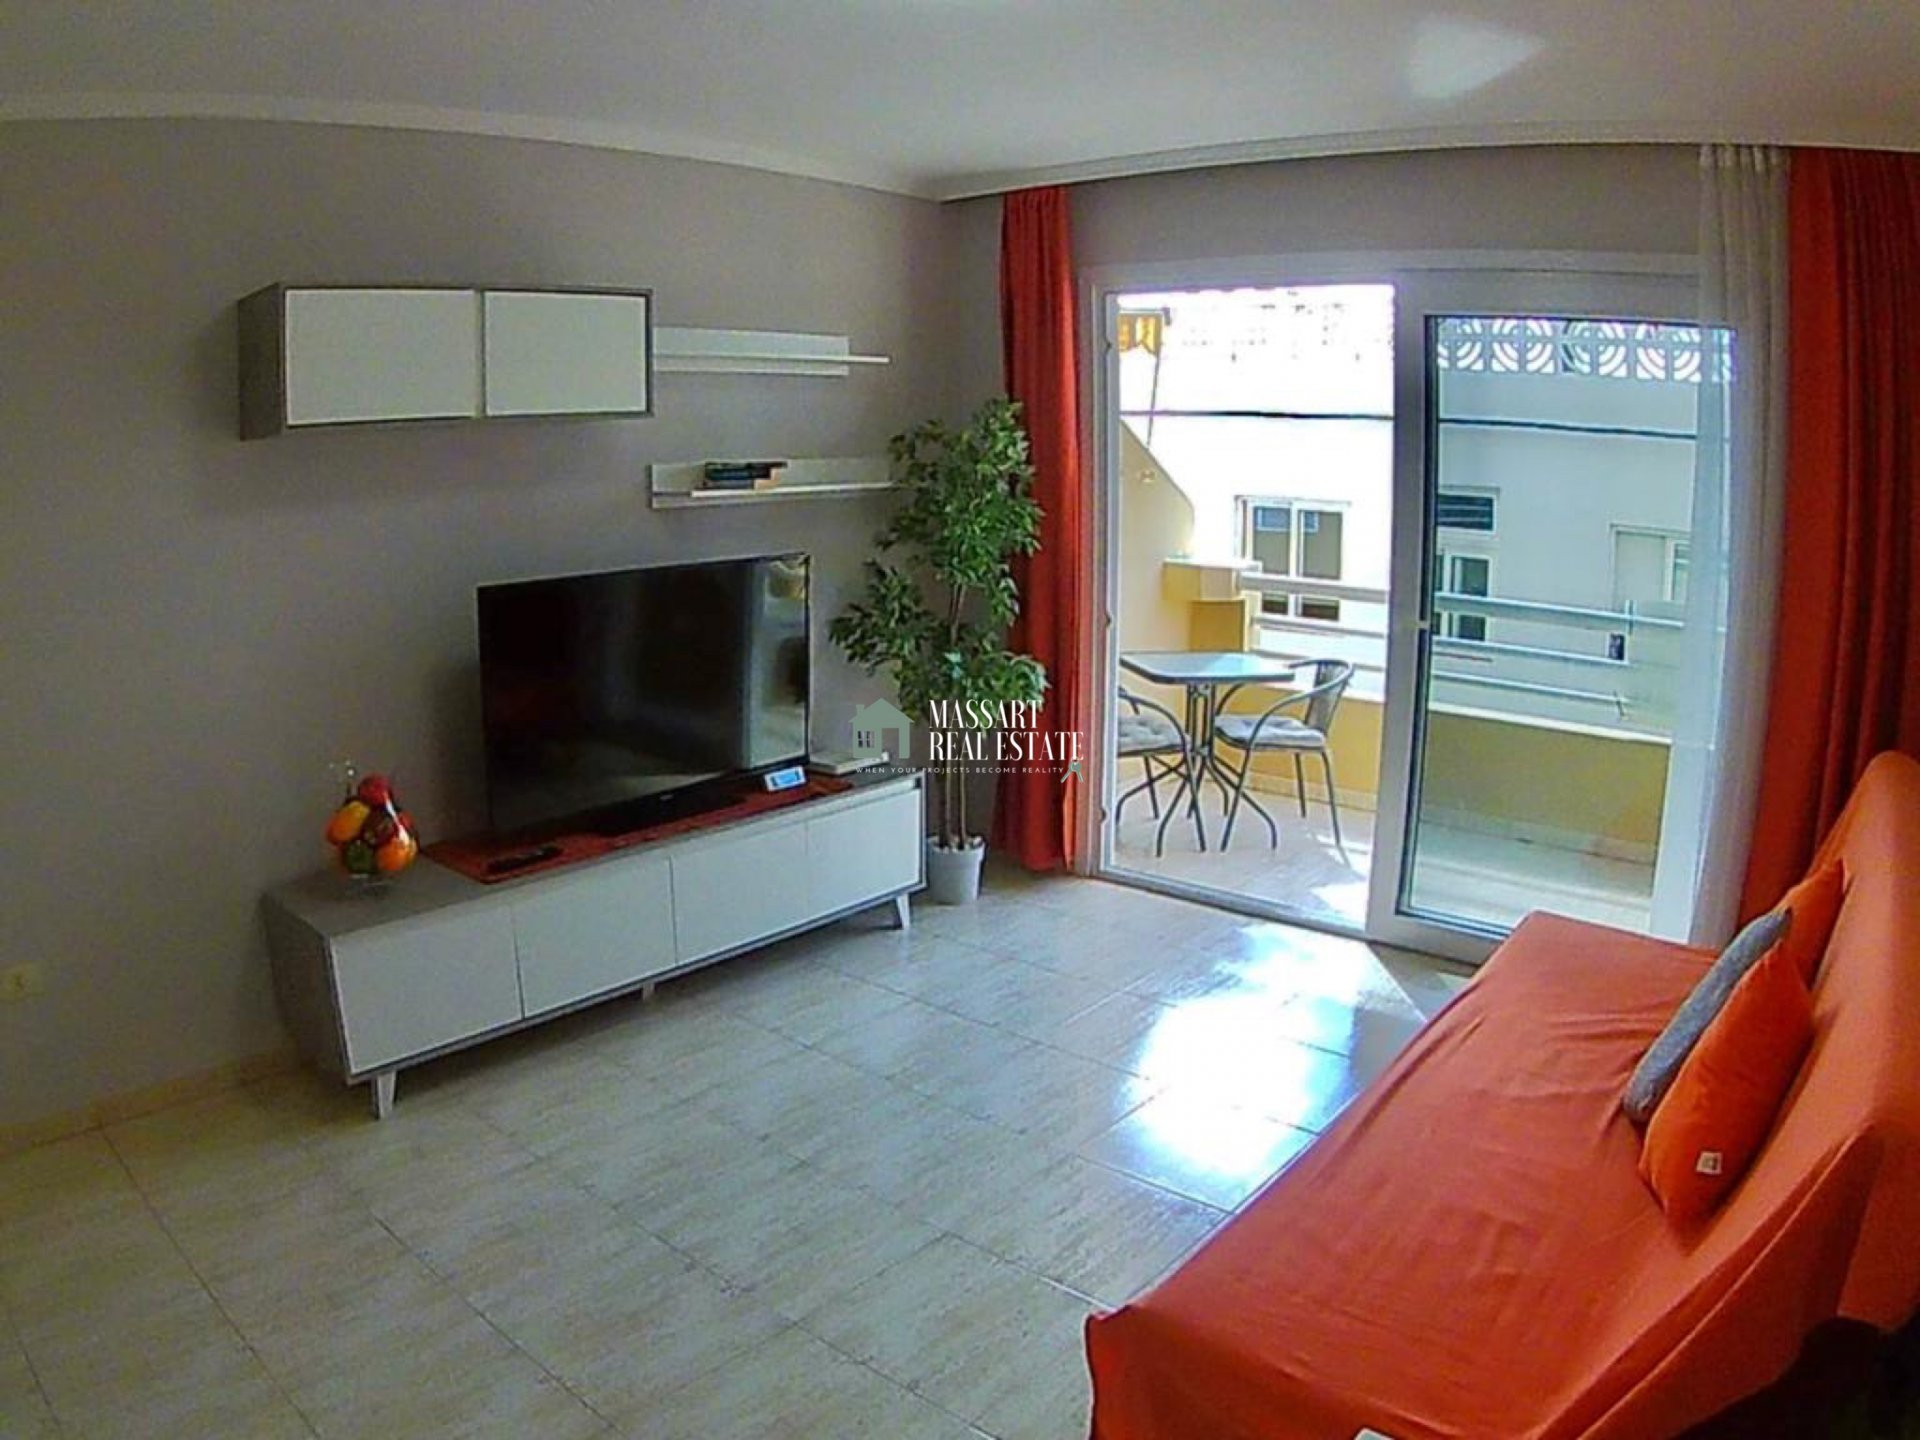 Licht 55 m2 appartement gekenmerkt door zijn goede staat van instandhouding en zijn strategische locatie ... zeer dicht bij de populaire wijk San Telmo, in Los Cristianos.